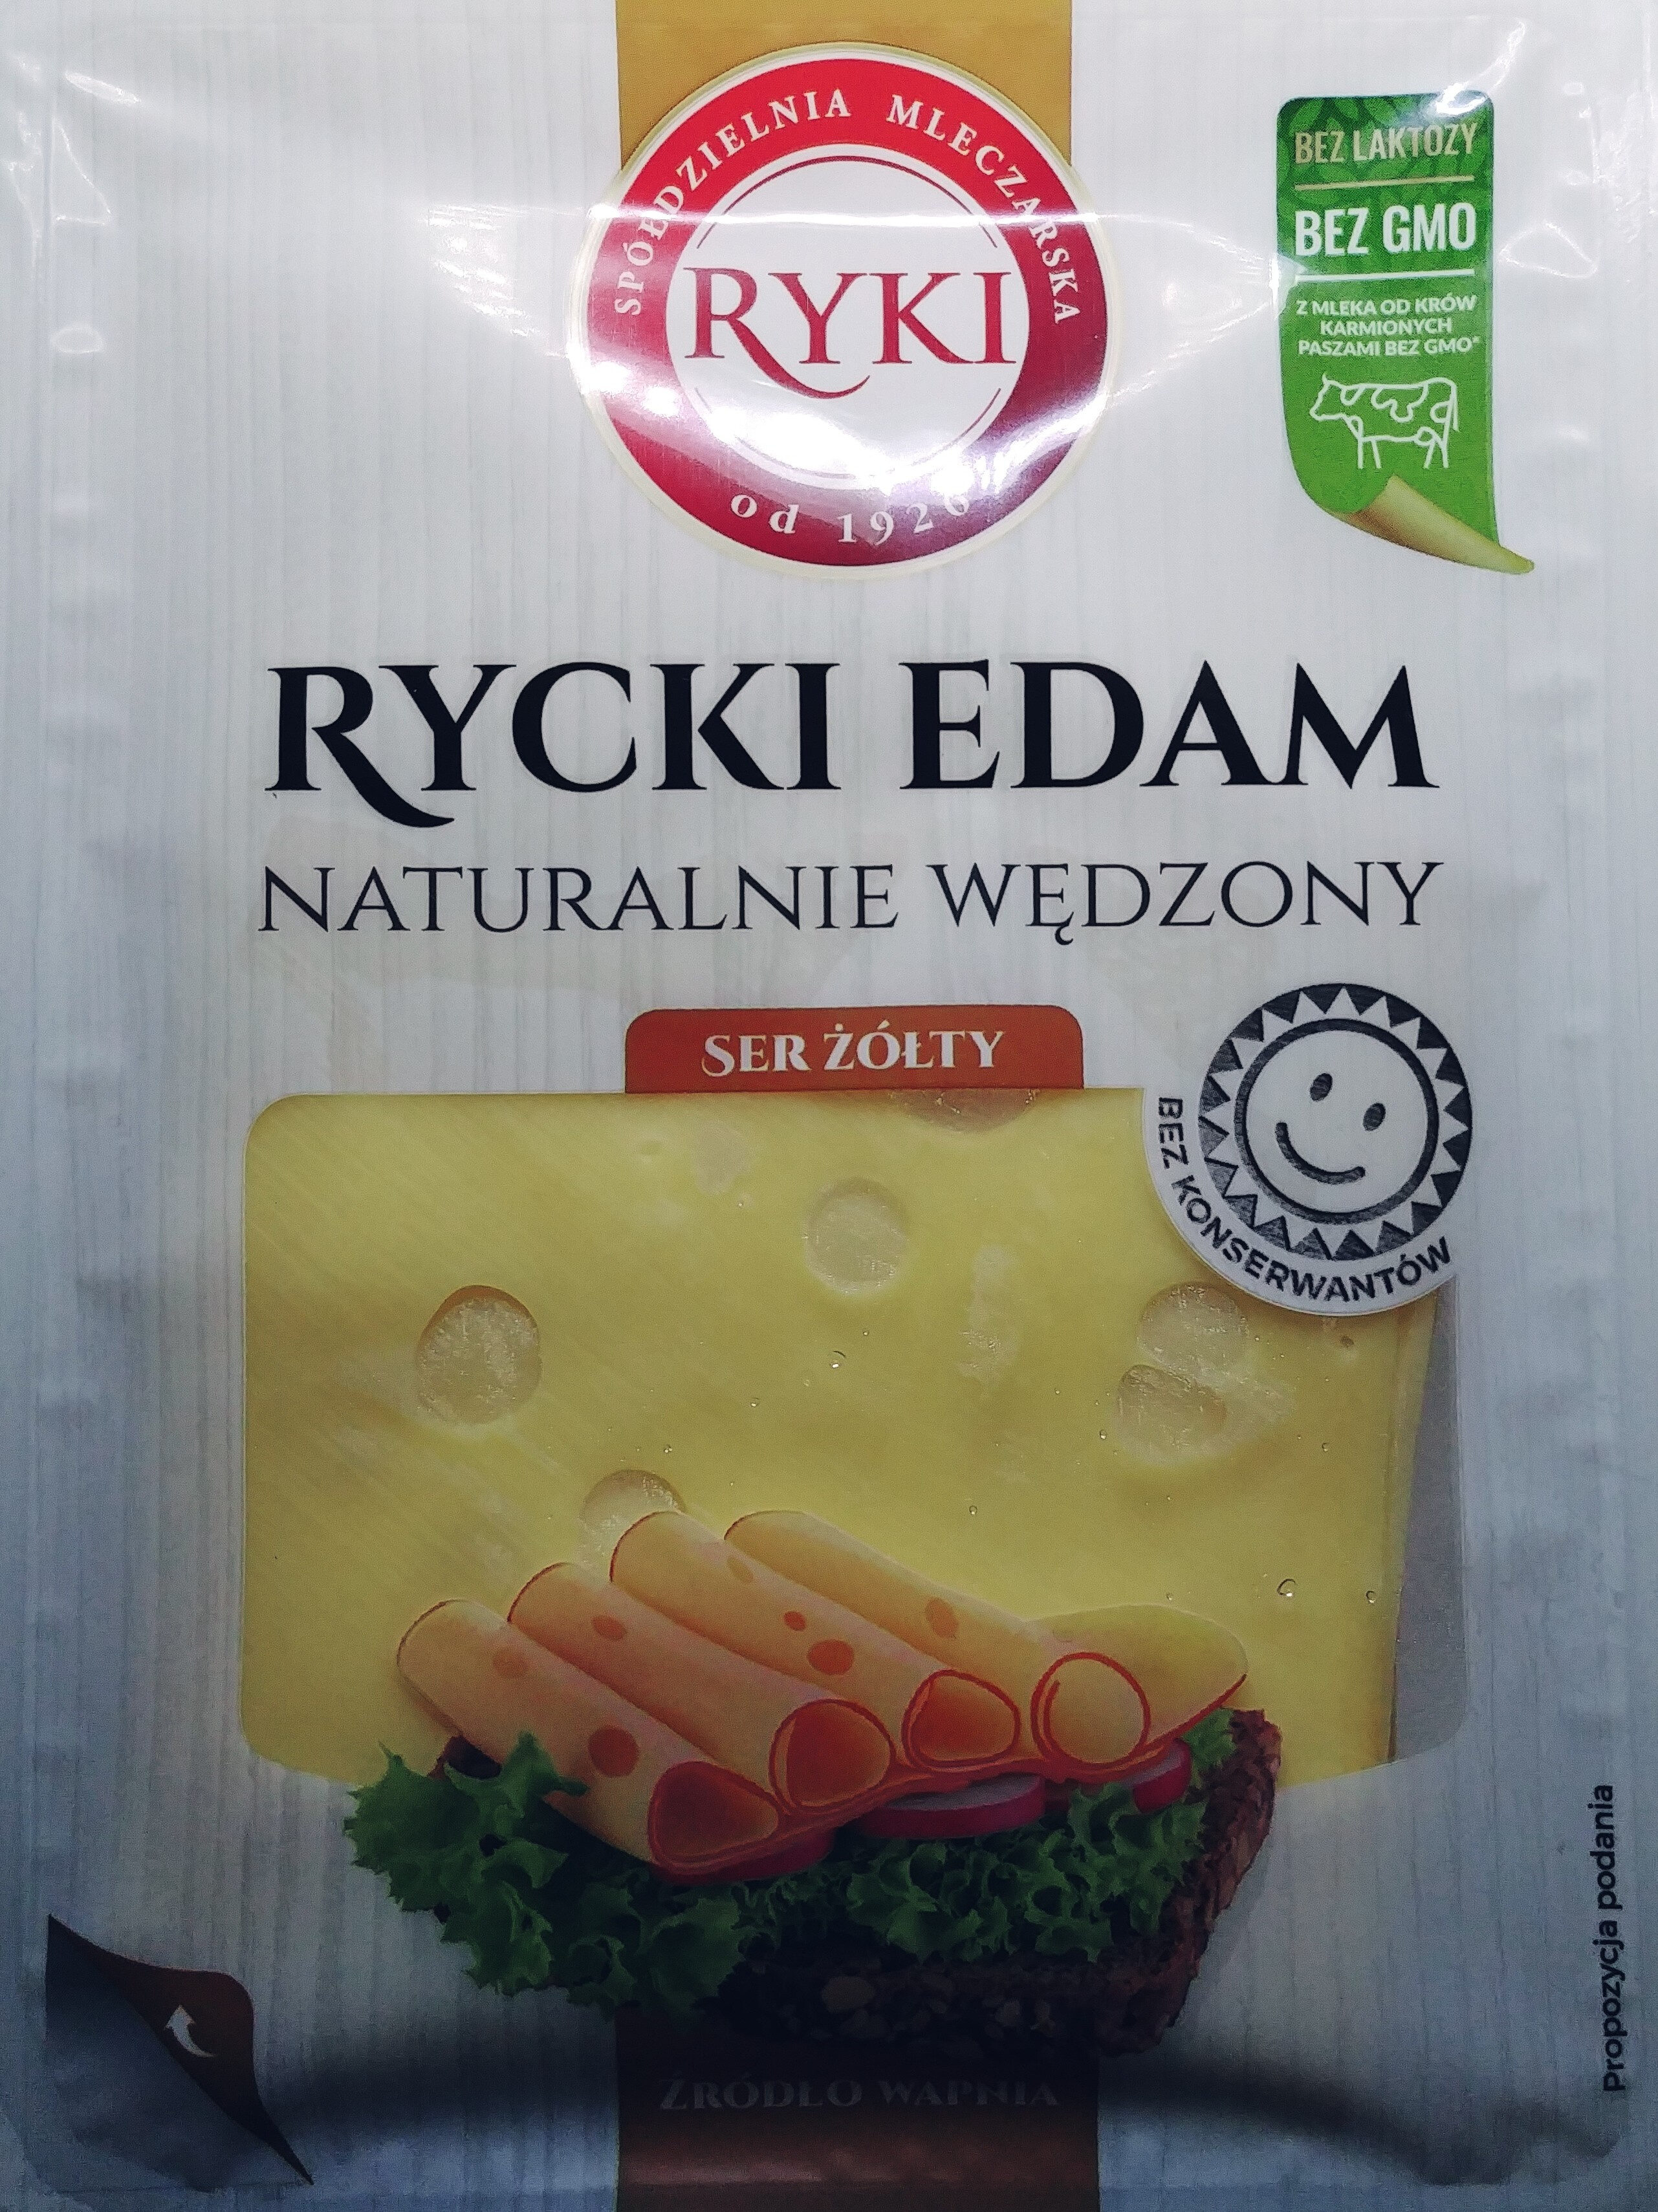 Ser Rycki Edam wędzony - Product